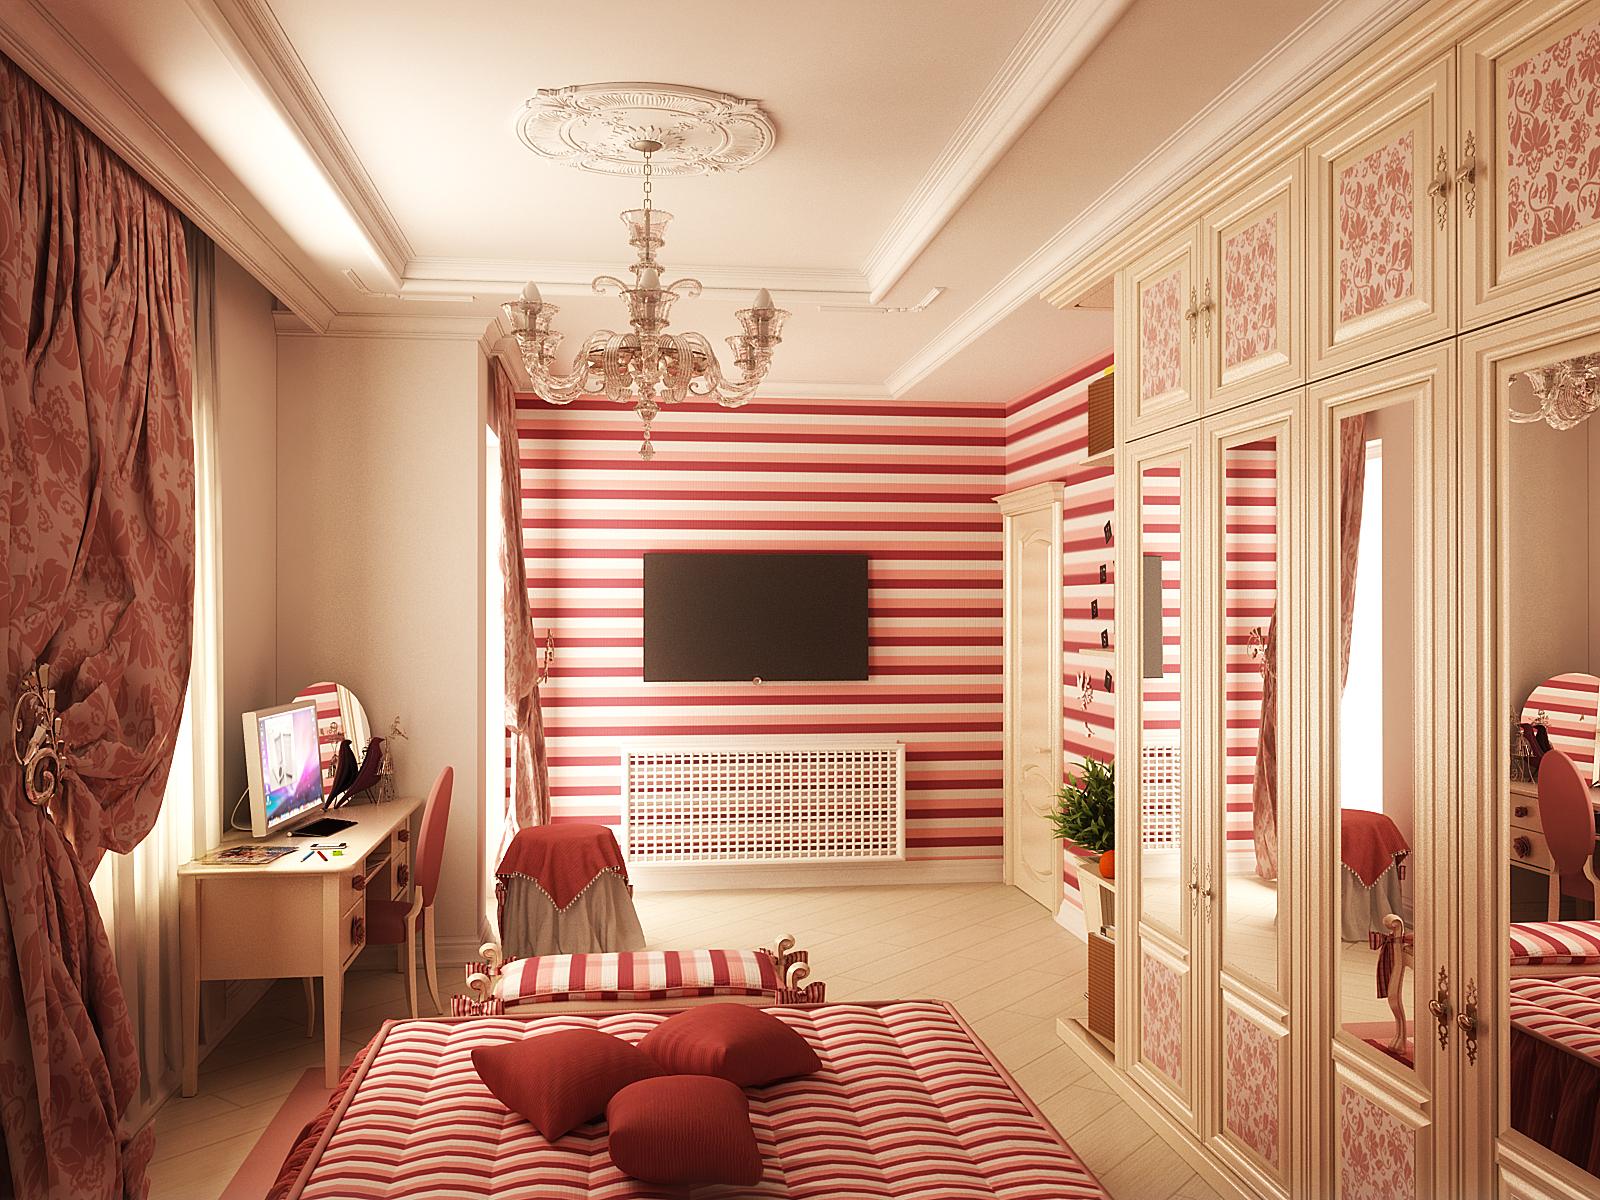 Фото дизайна интерьера комнаты для девочки